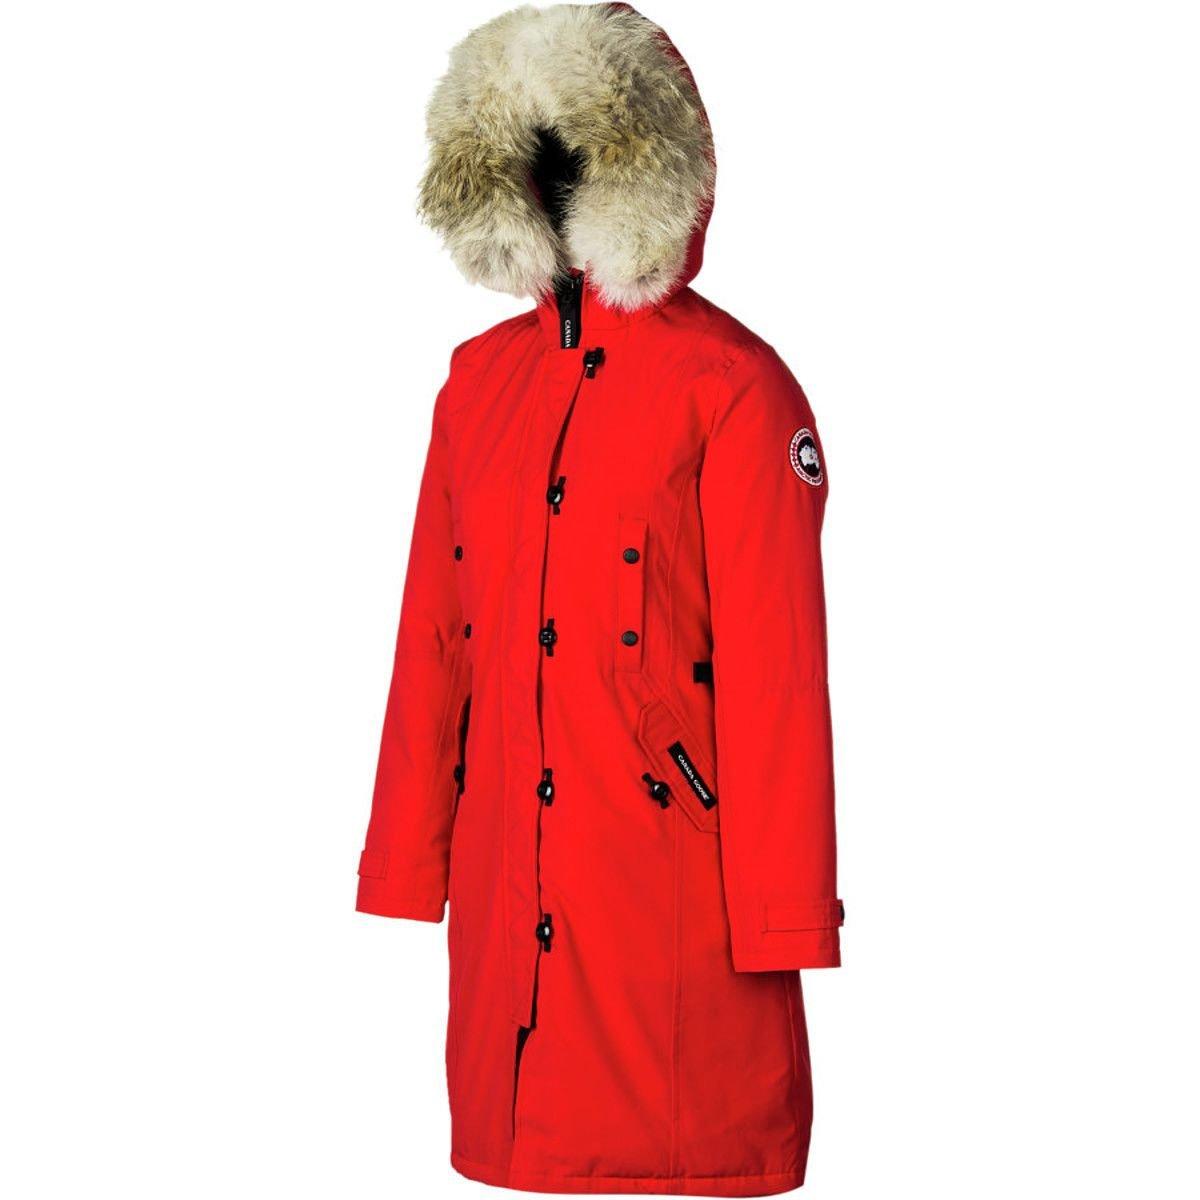 (カナダグース)Canada Goose Kensington Down Parka レディース ジャケット赤 [並行輸入品] 赤 日本サイズ S相当 (US XS)